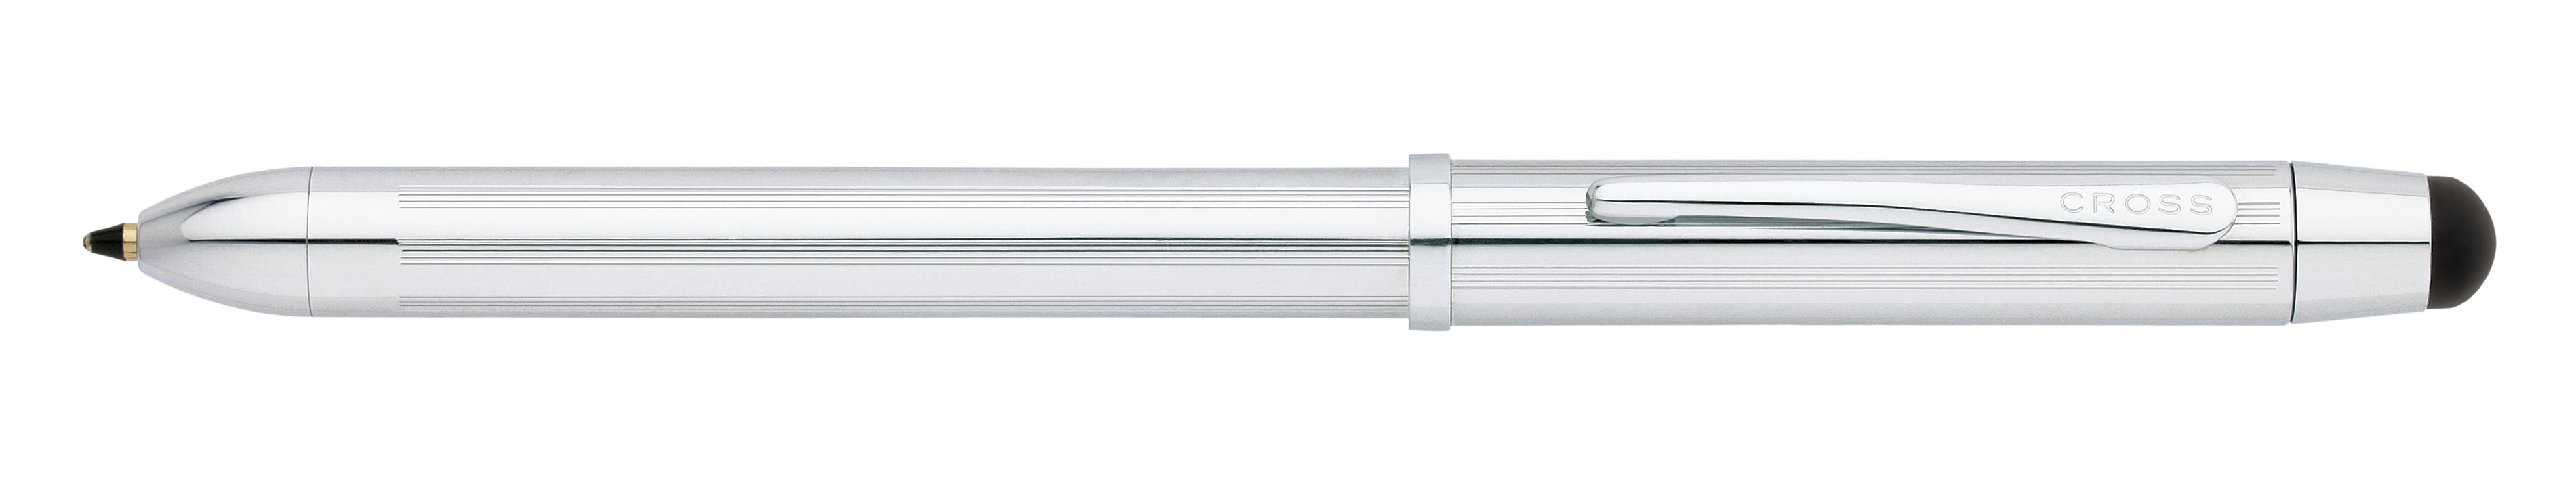 Tech3+ Lustrous Chrome Multifunction Pen